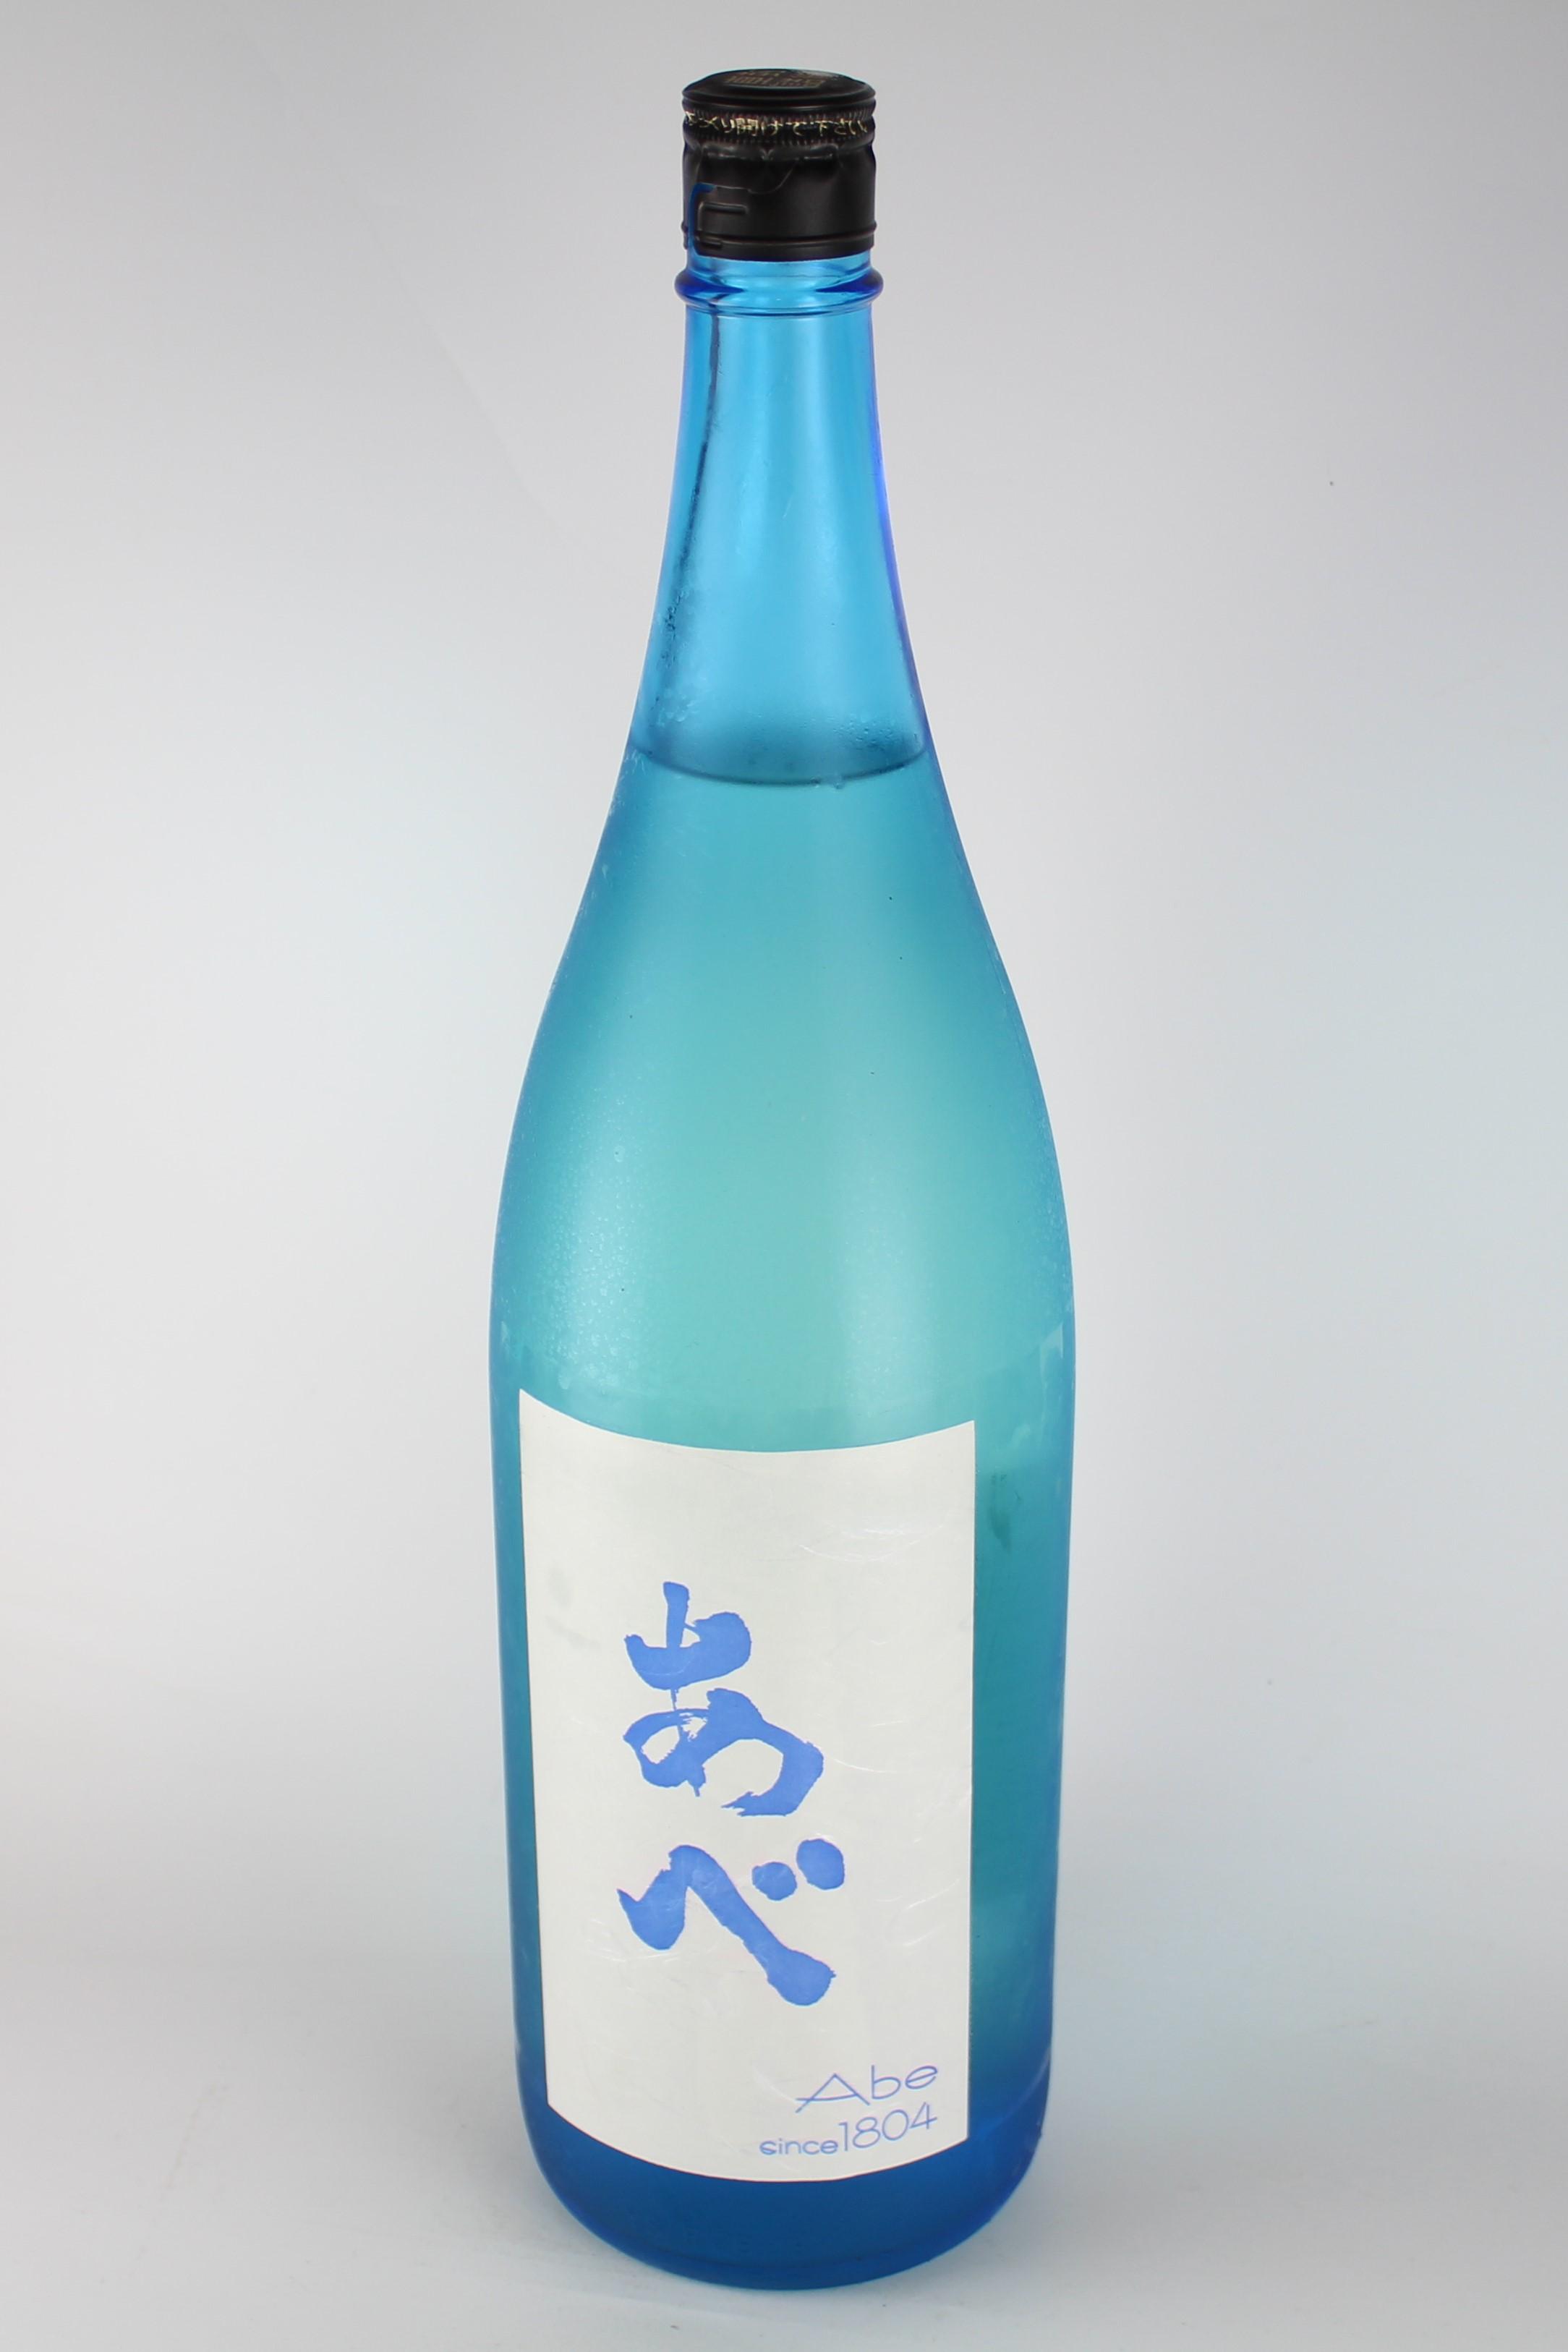 あべ2017 夏の吟 生原酒 1800ml 【新潟/阿部酒造】